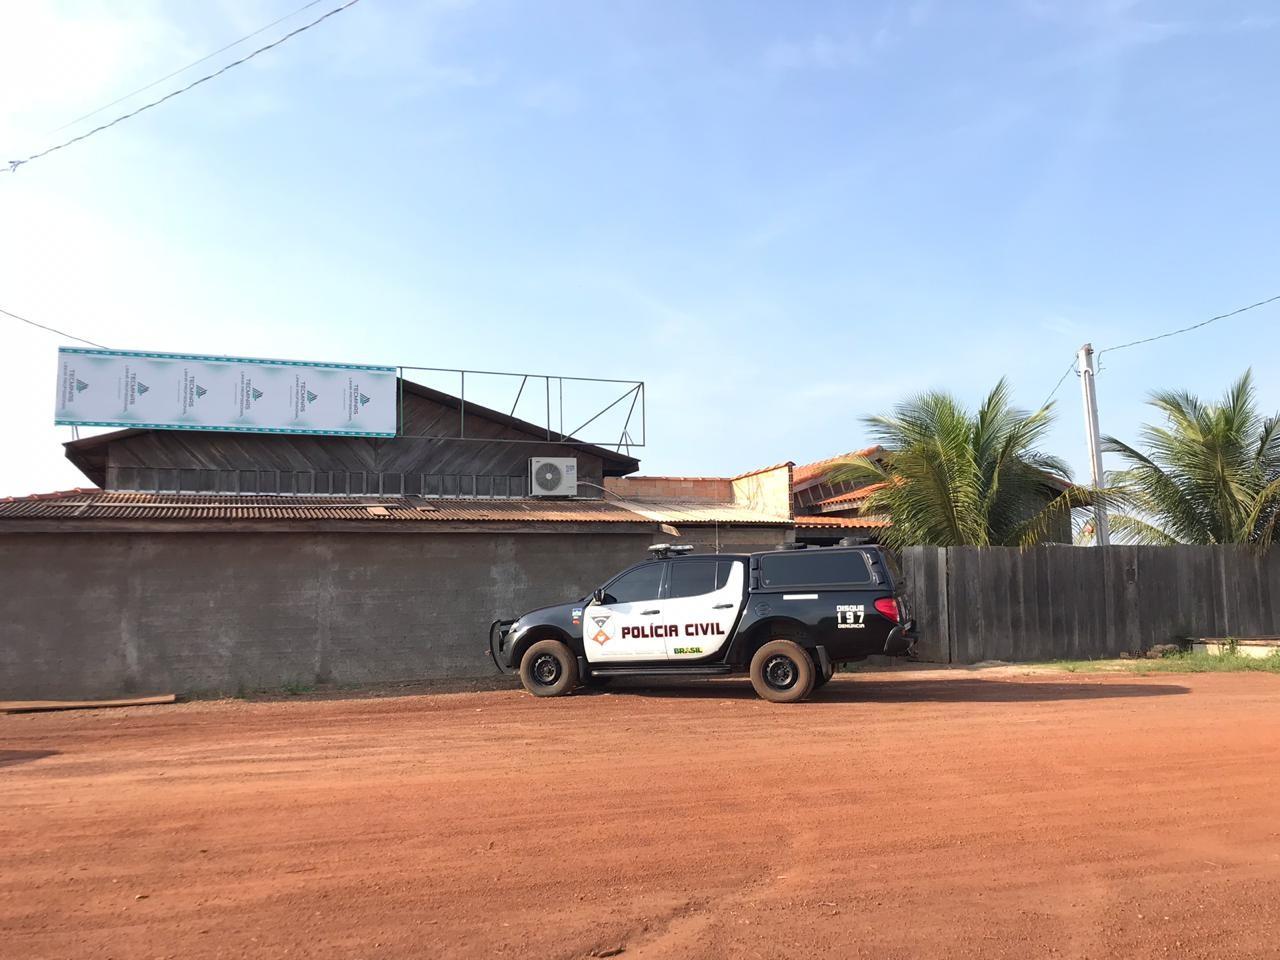 Polícia deflagra operação contra delitos patrimoniais e exploração sexual em RO - Radio Evangelho Gospel